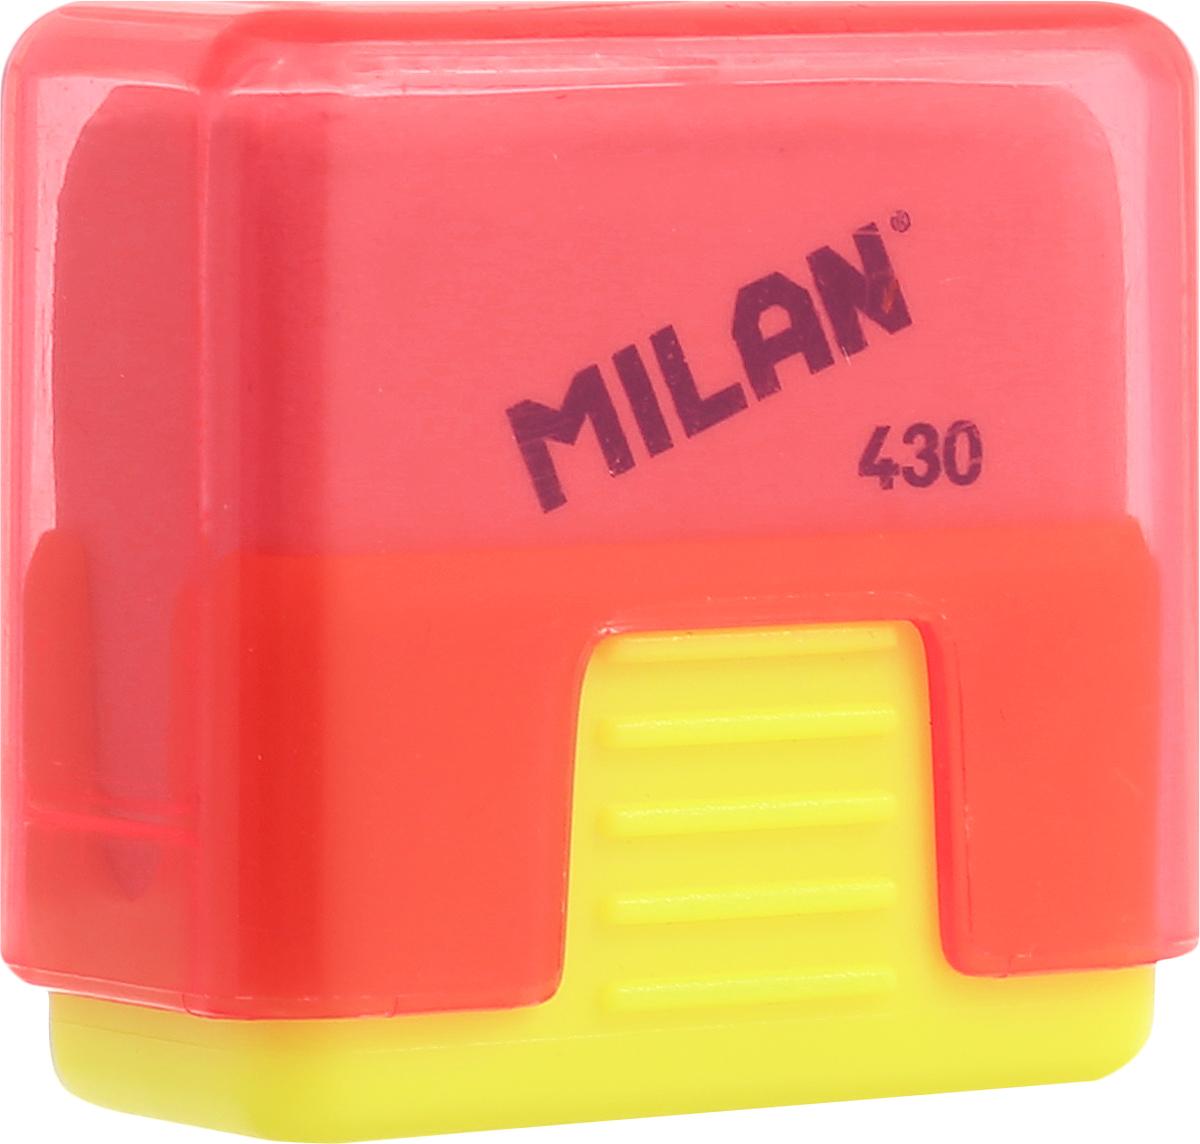 Milan Ластик School 430 цвет желтый красныйCMMS430_желтый/красныйЛастик Milan School 430 - это ластик с пластиковым держателем в эргономичном компактном корпусе. Заменяемый ластик.